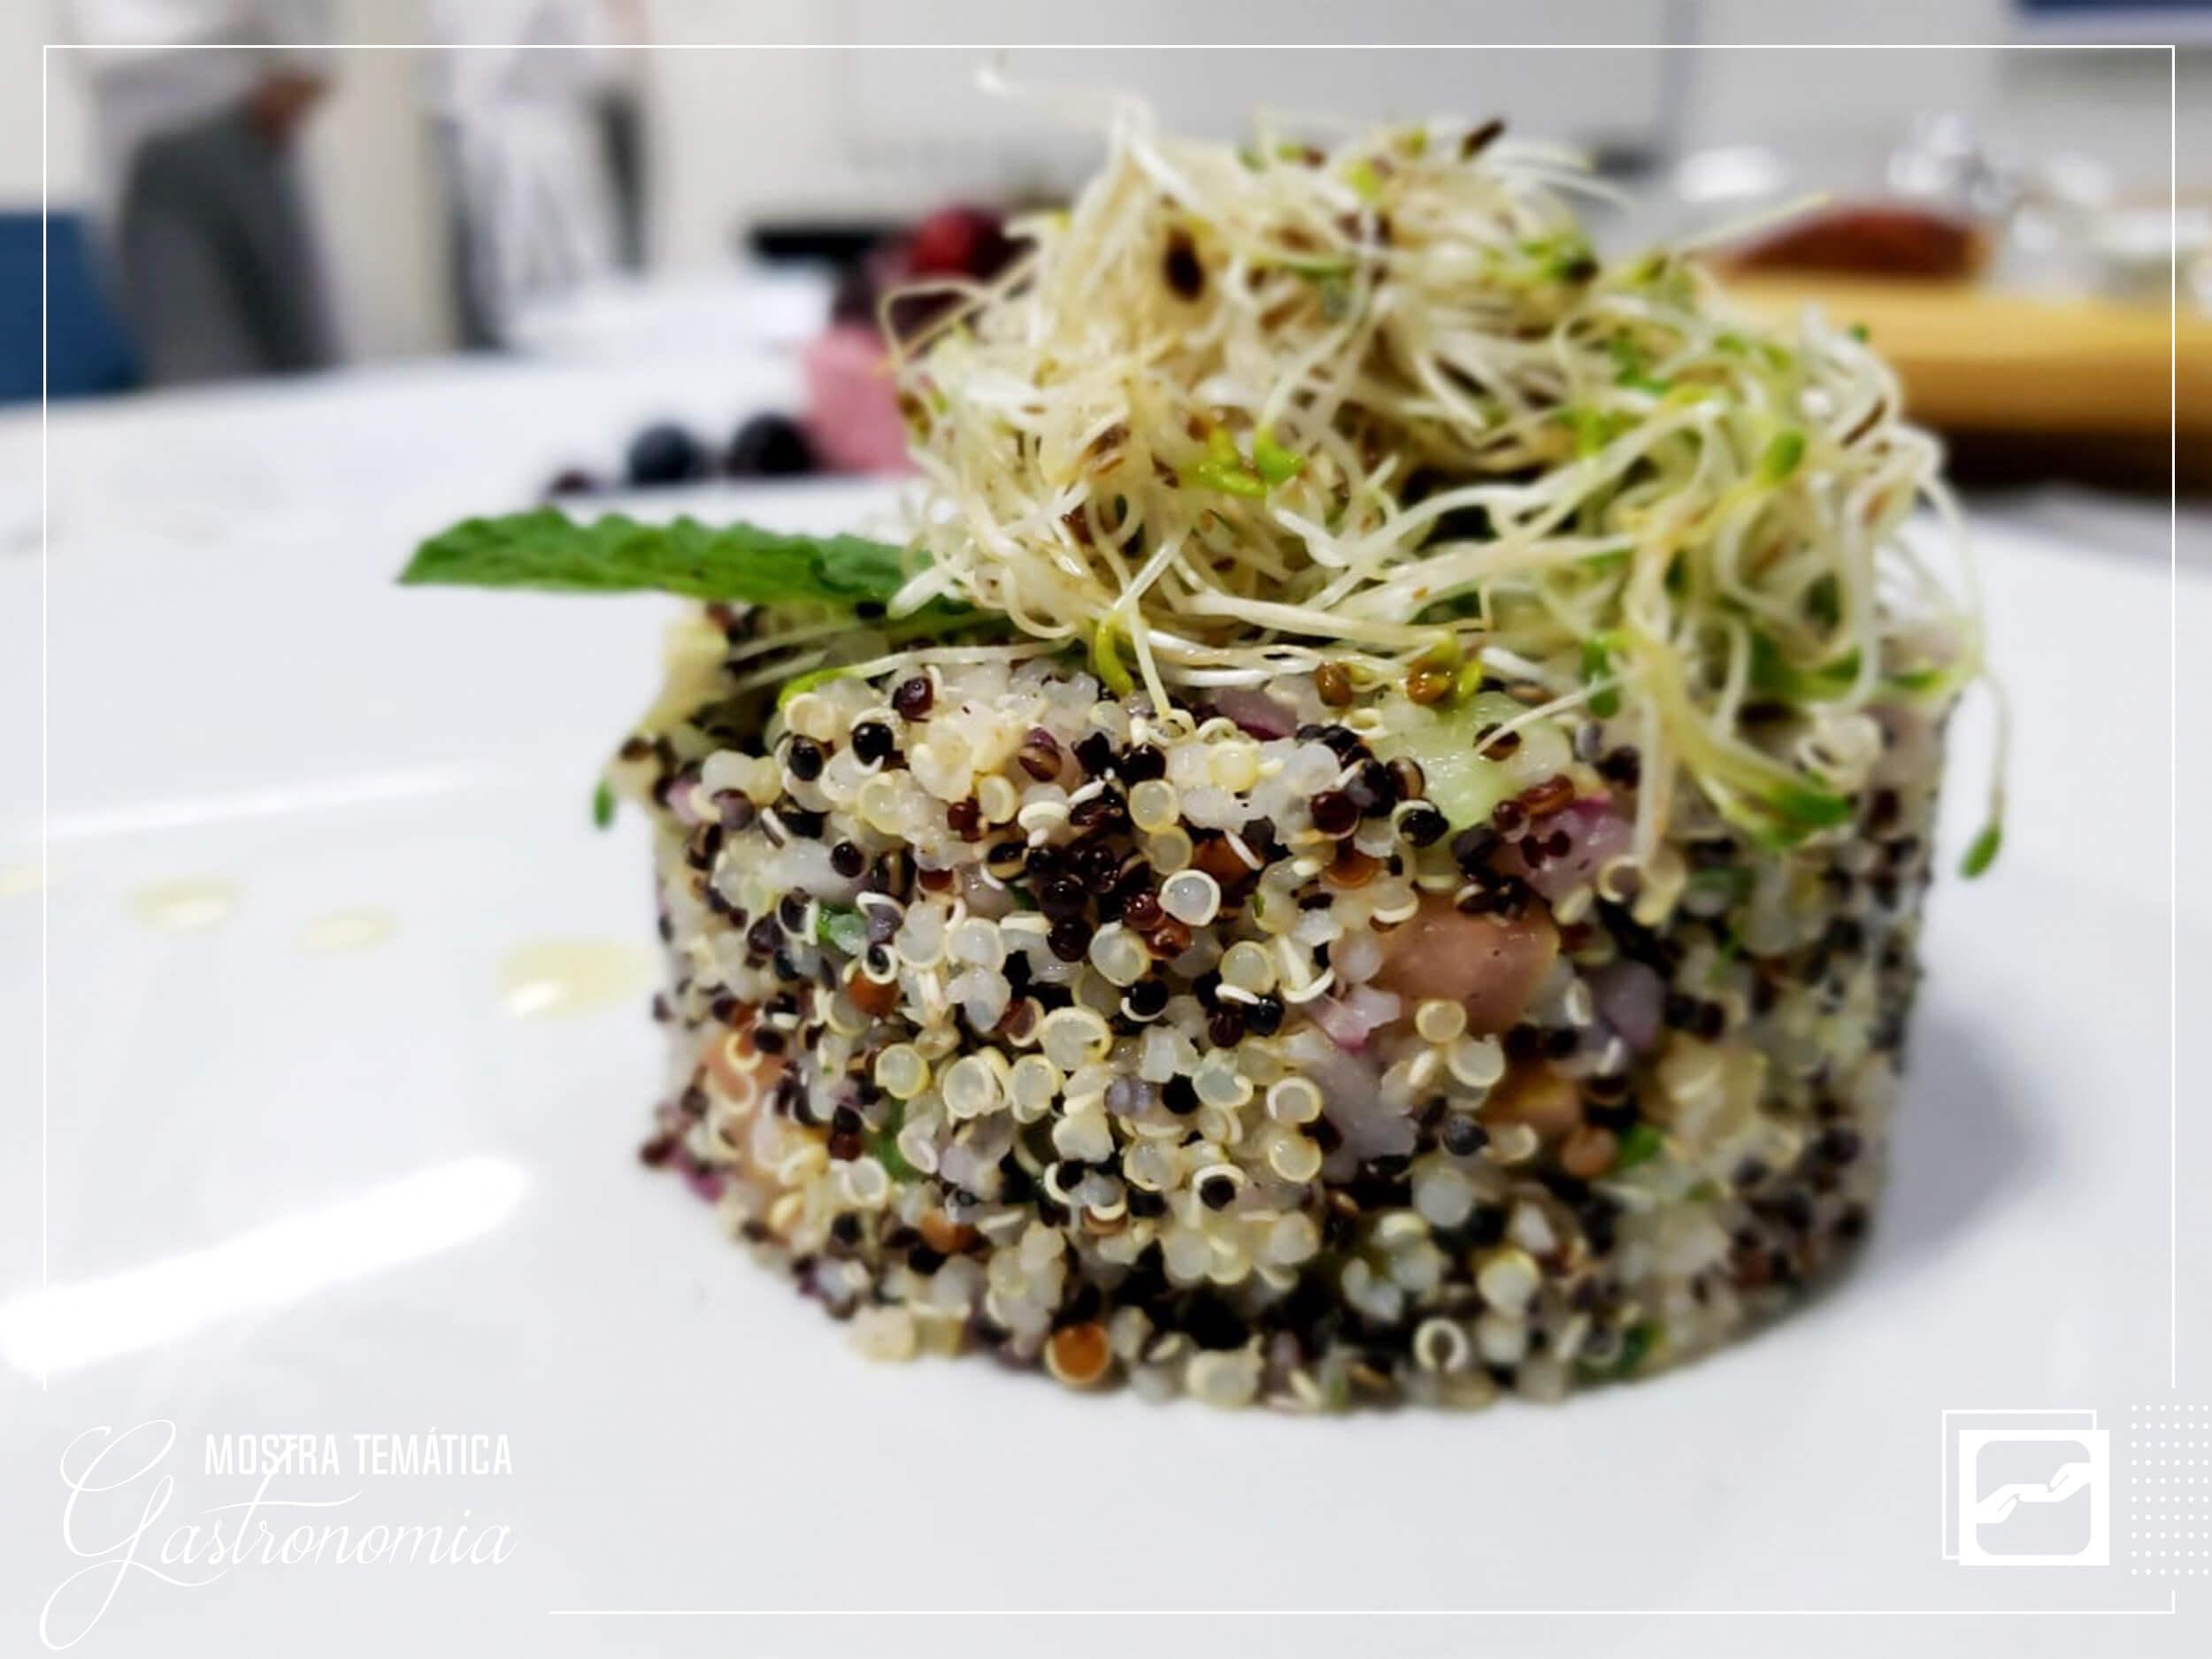 mostra-tematica-curso-gastronomia-famesp